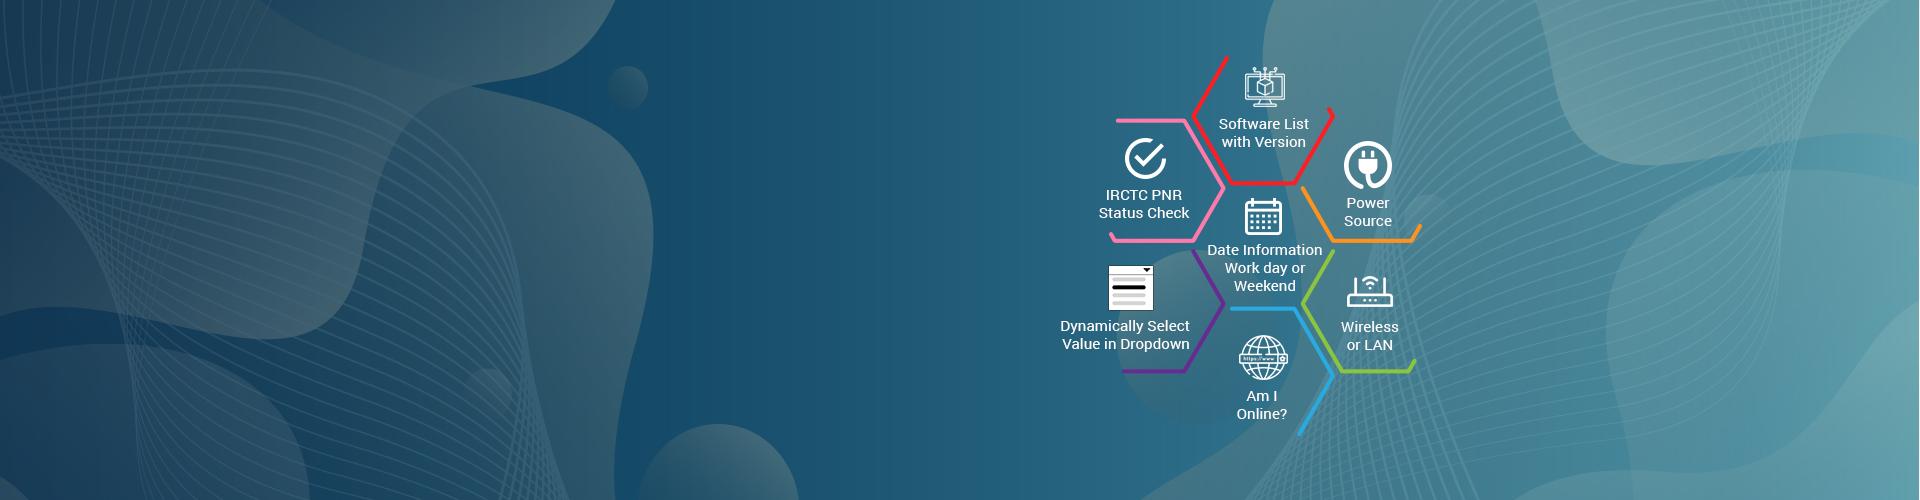 Open Source Enterprise Solutions - Portals, ECM, eCommerce